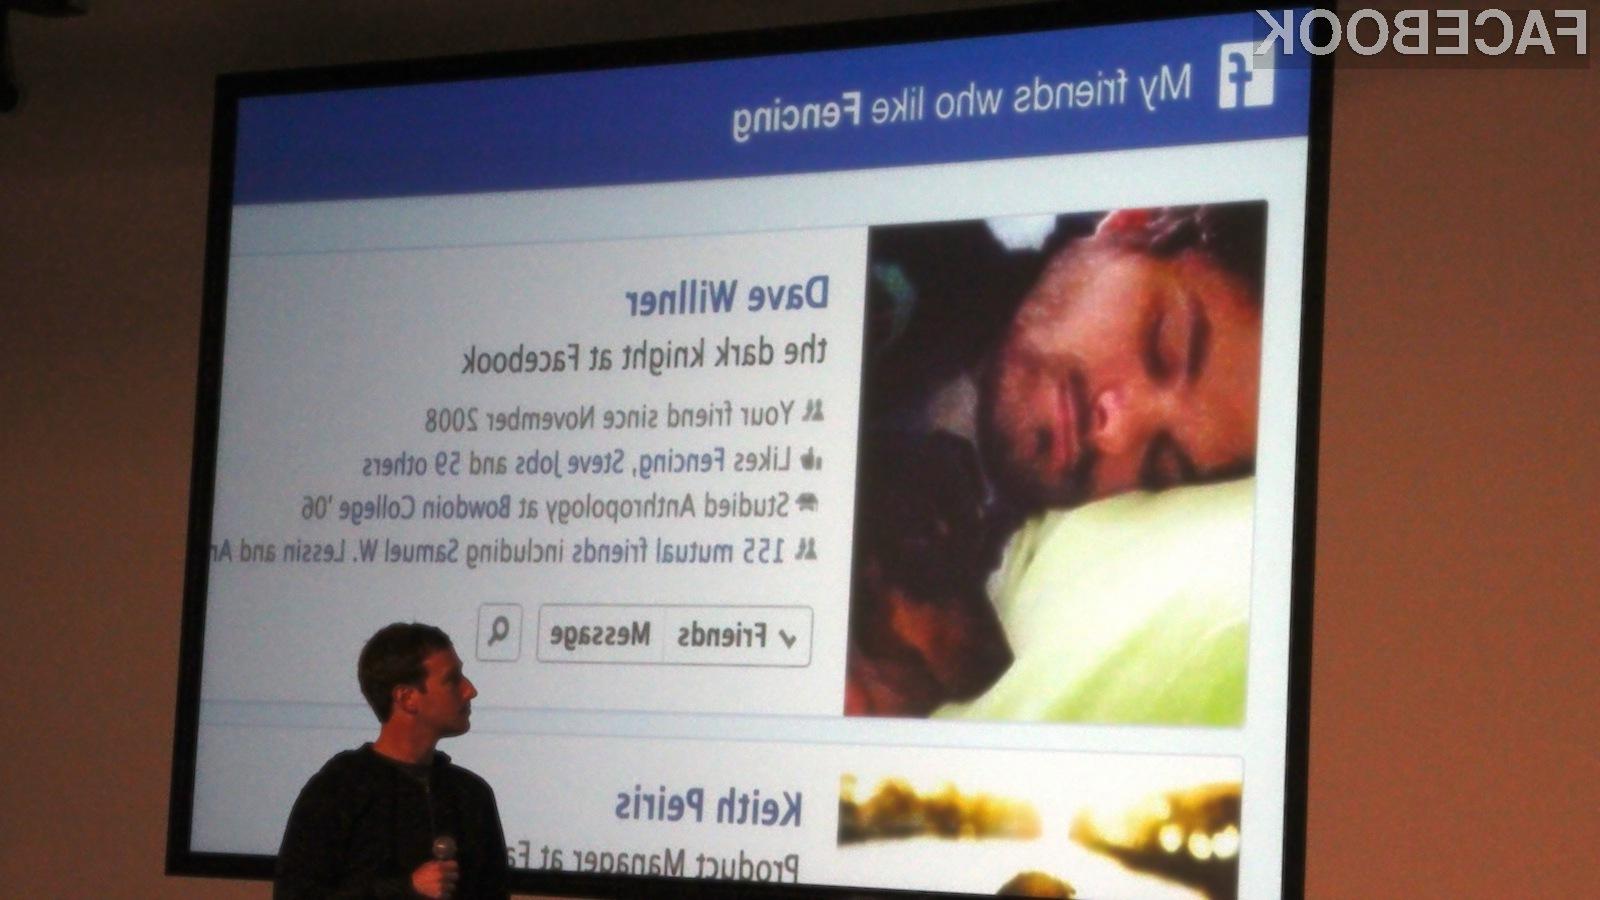 Podjetje Facebook na iskalnik Graph Search stavi veliko, saj je zanj tako pomemben, kot sta na primer sporočilni sistem in časovnica.